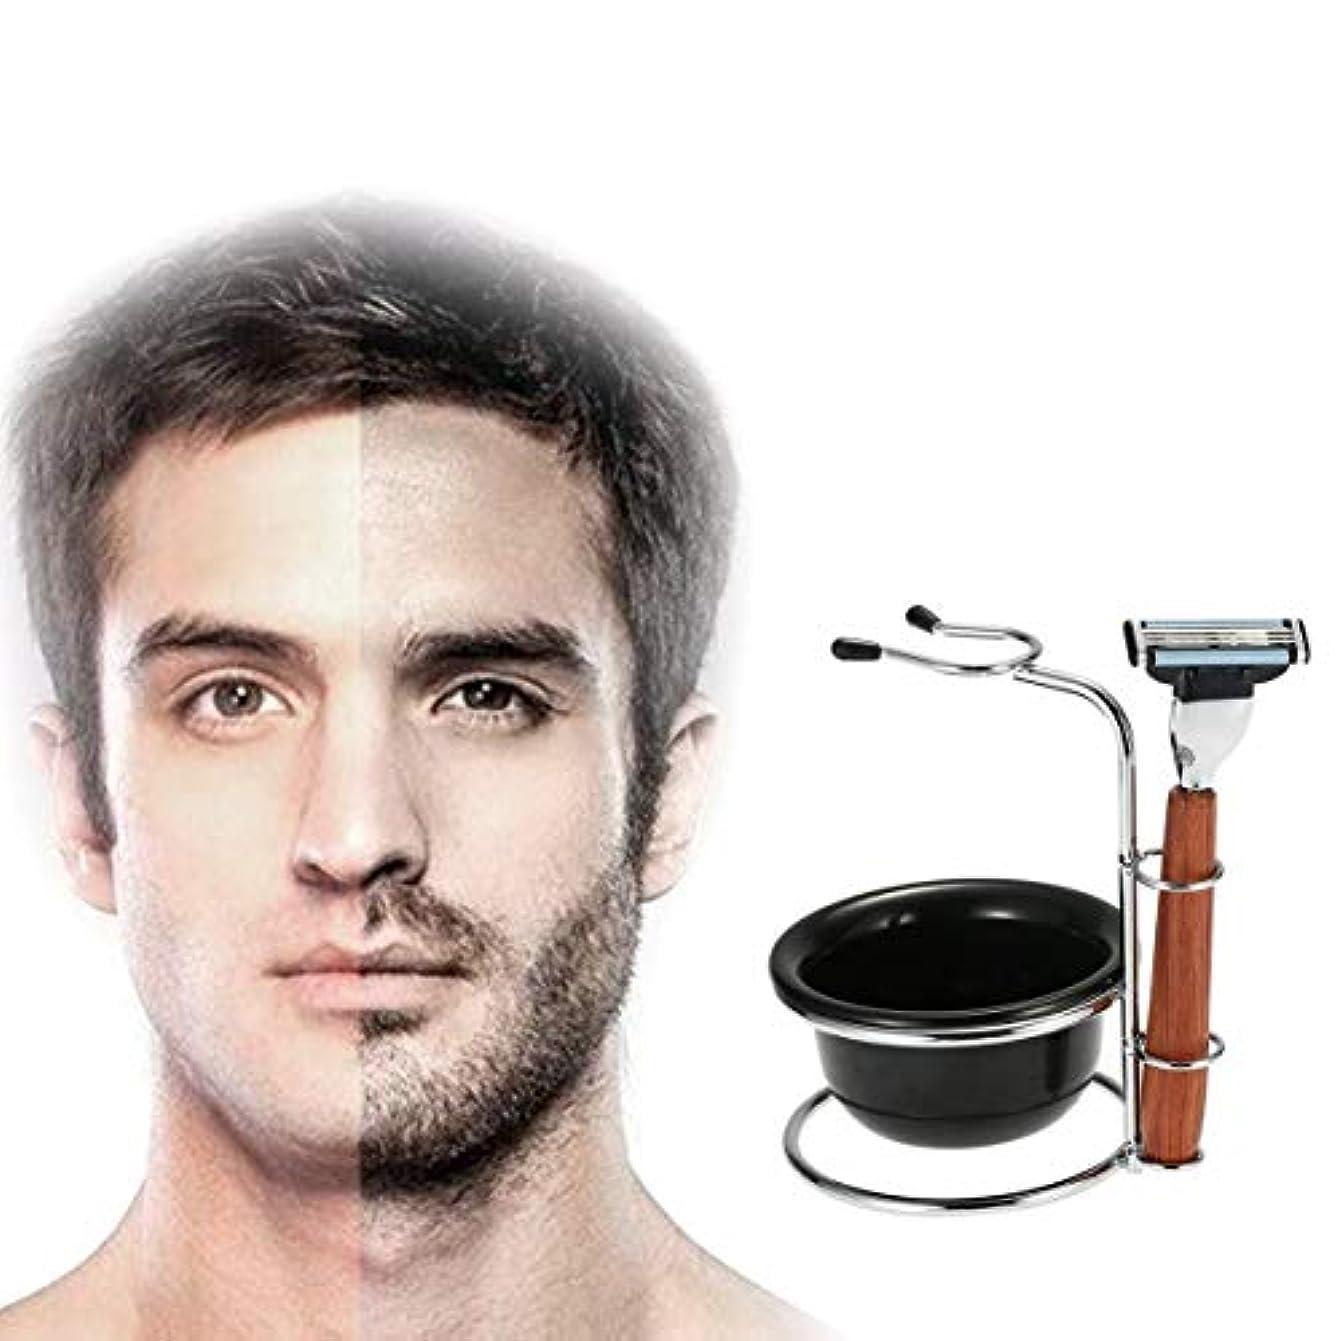 宣言省略乗り出すManual Shaving Set Old-fashioned Beard Razor Rosewood Men Shavers Shaving Razor Hair Trimmer Washable For Home...